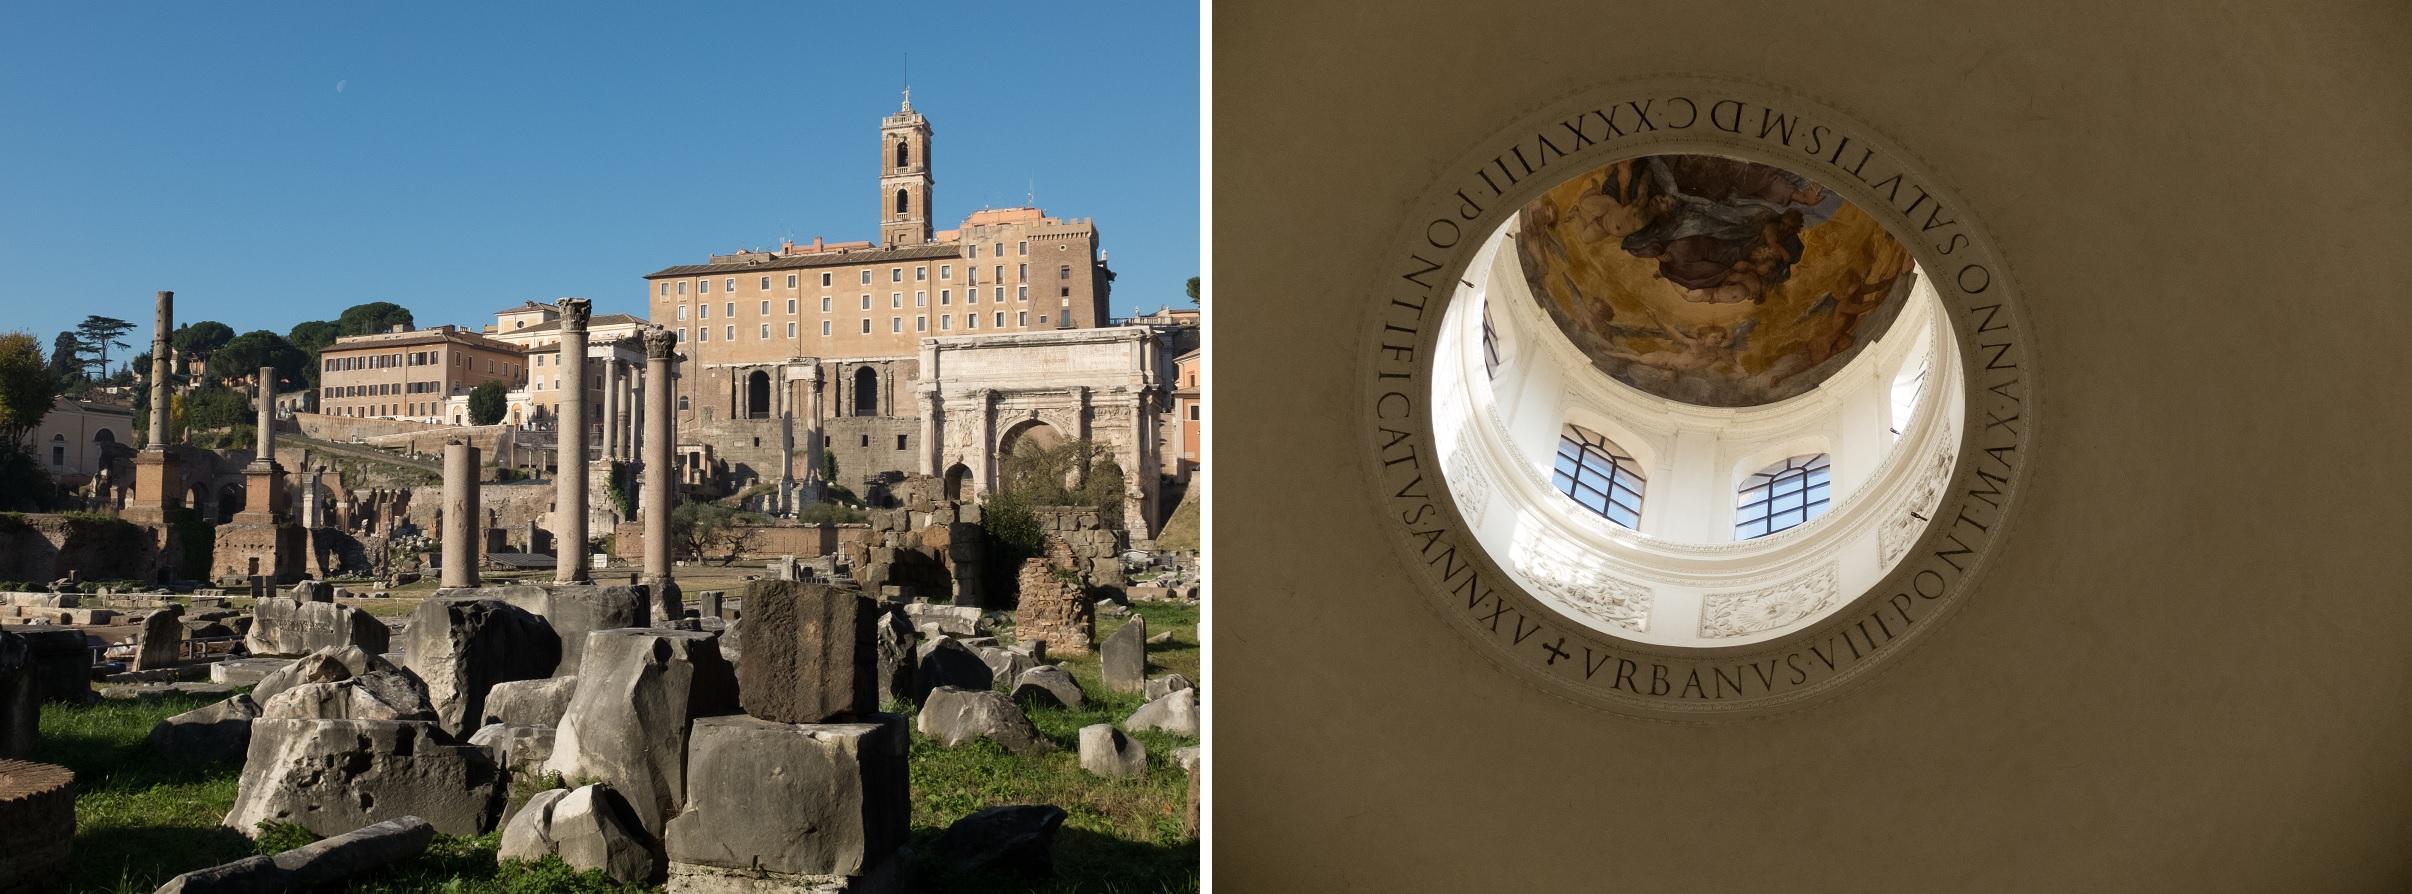 forum-romain-2